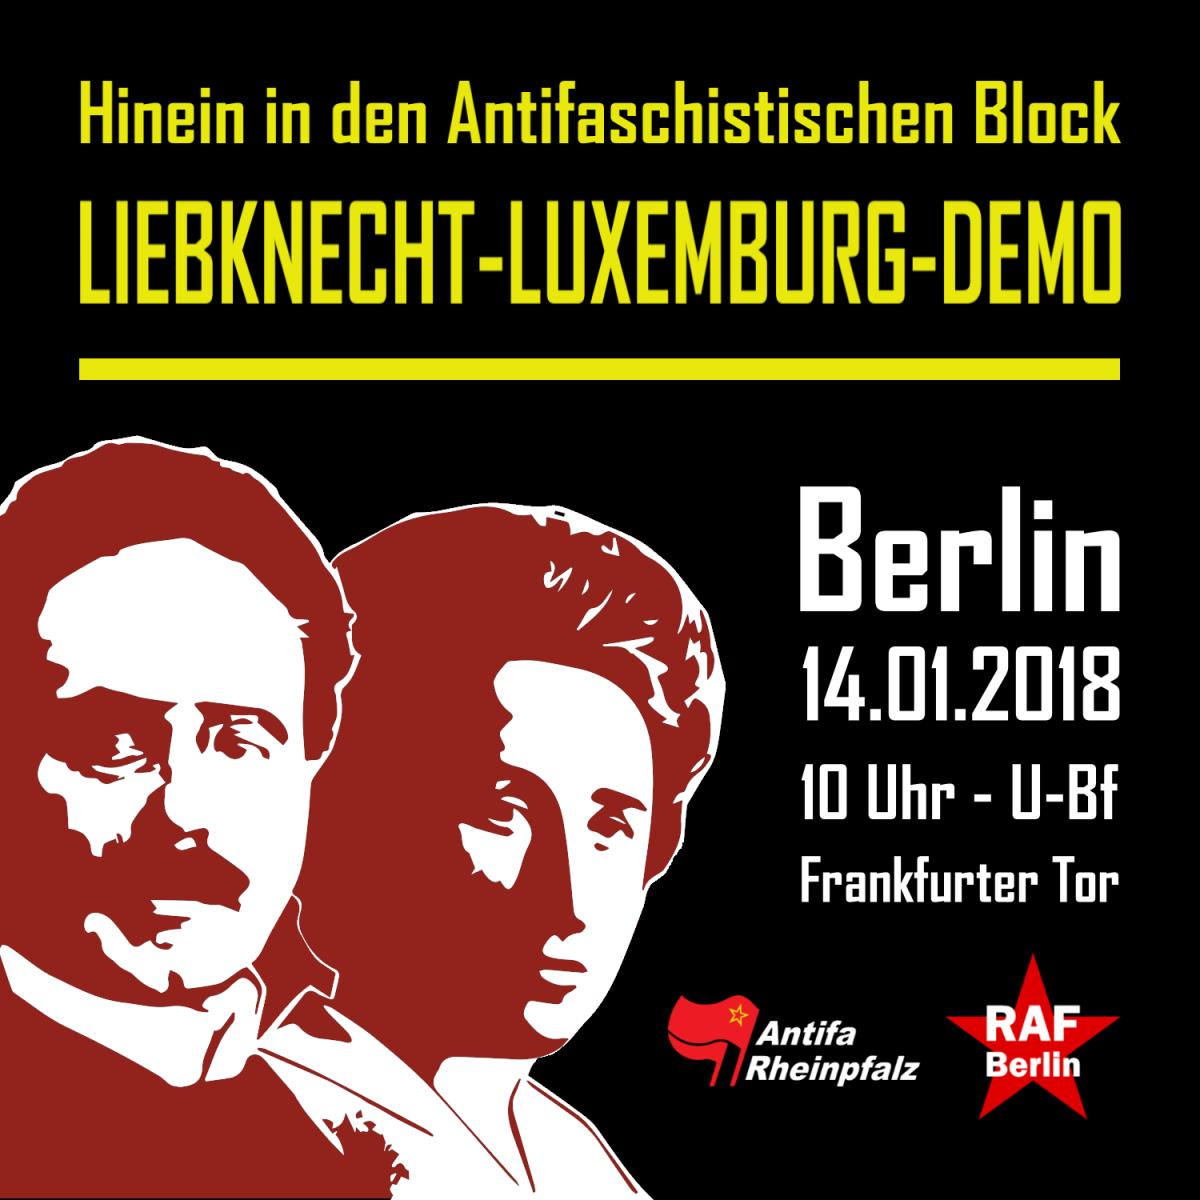 Hinein in den antifaschistischen Block auf der Liebknecht-Luxemburg-Demo 2018 in Berlin